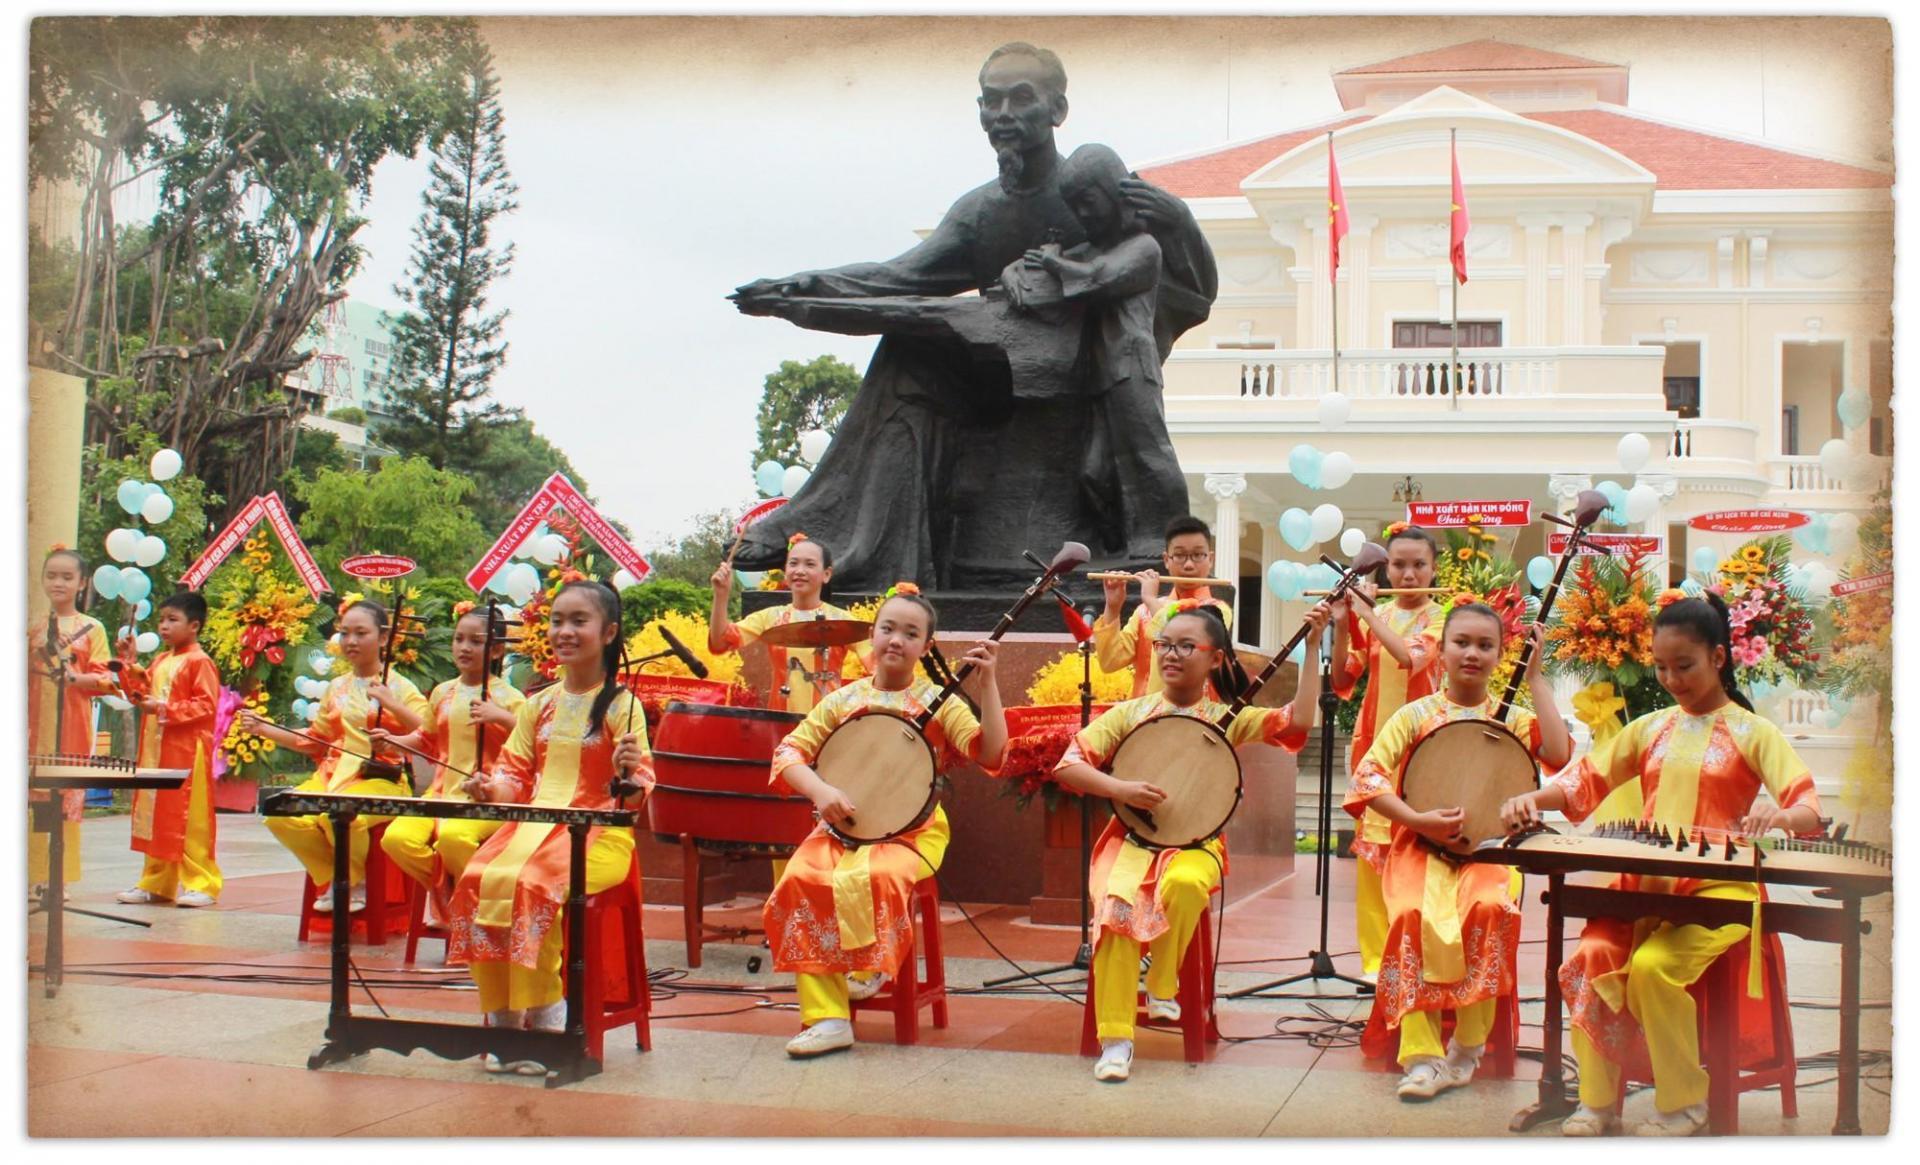 Đội văn nghệ biểu diễn nhạc cụ dân tộc dưới chân tượng đài Bác Hồ với thiếu nhi trong khuôn viên Nhà Thiếu nhi TP.HCM - Ảnh: Q.L.